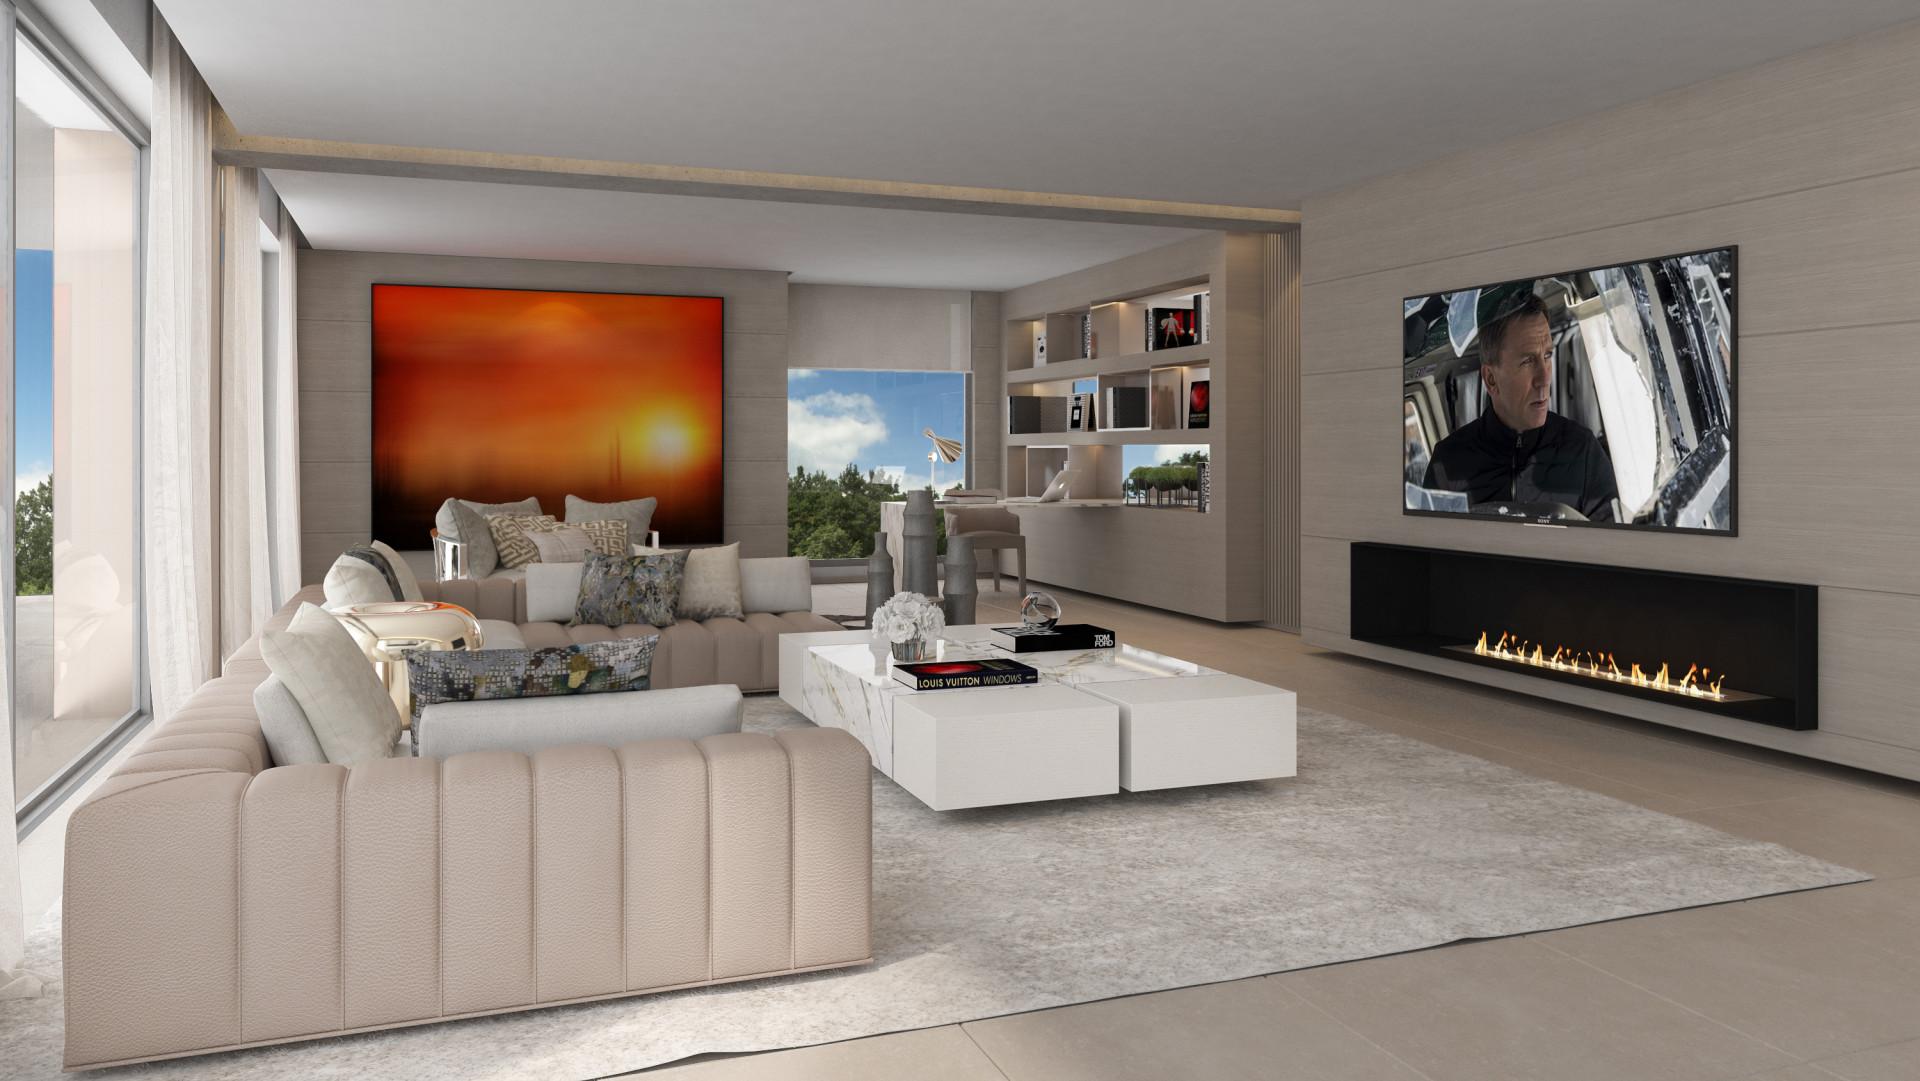 New luxury modern villas for sale in El Paraiso, Estepona